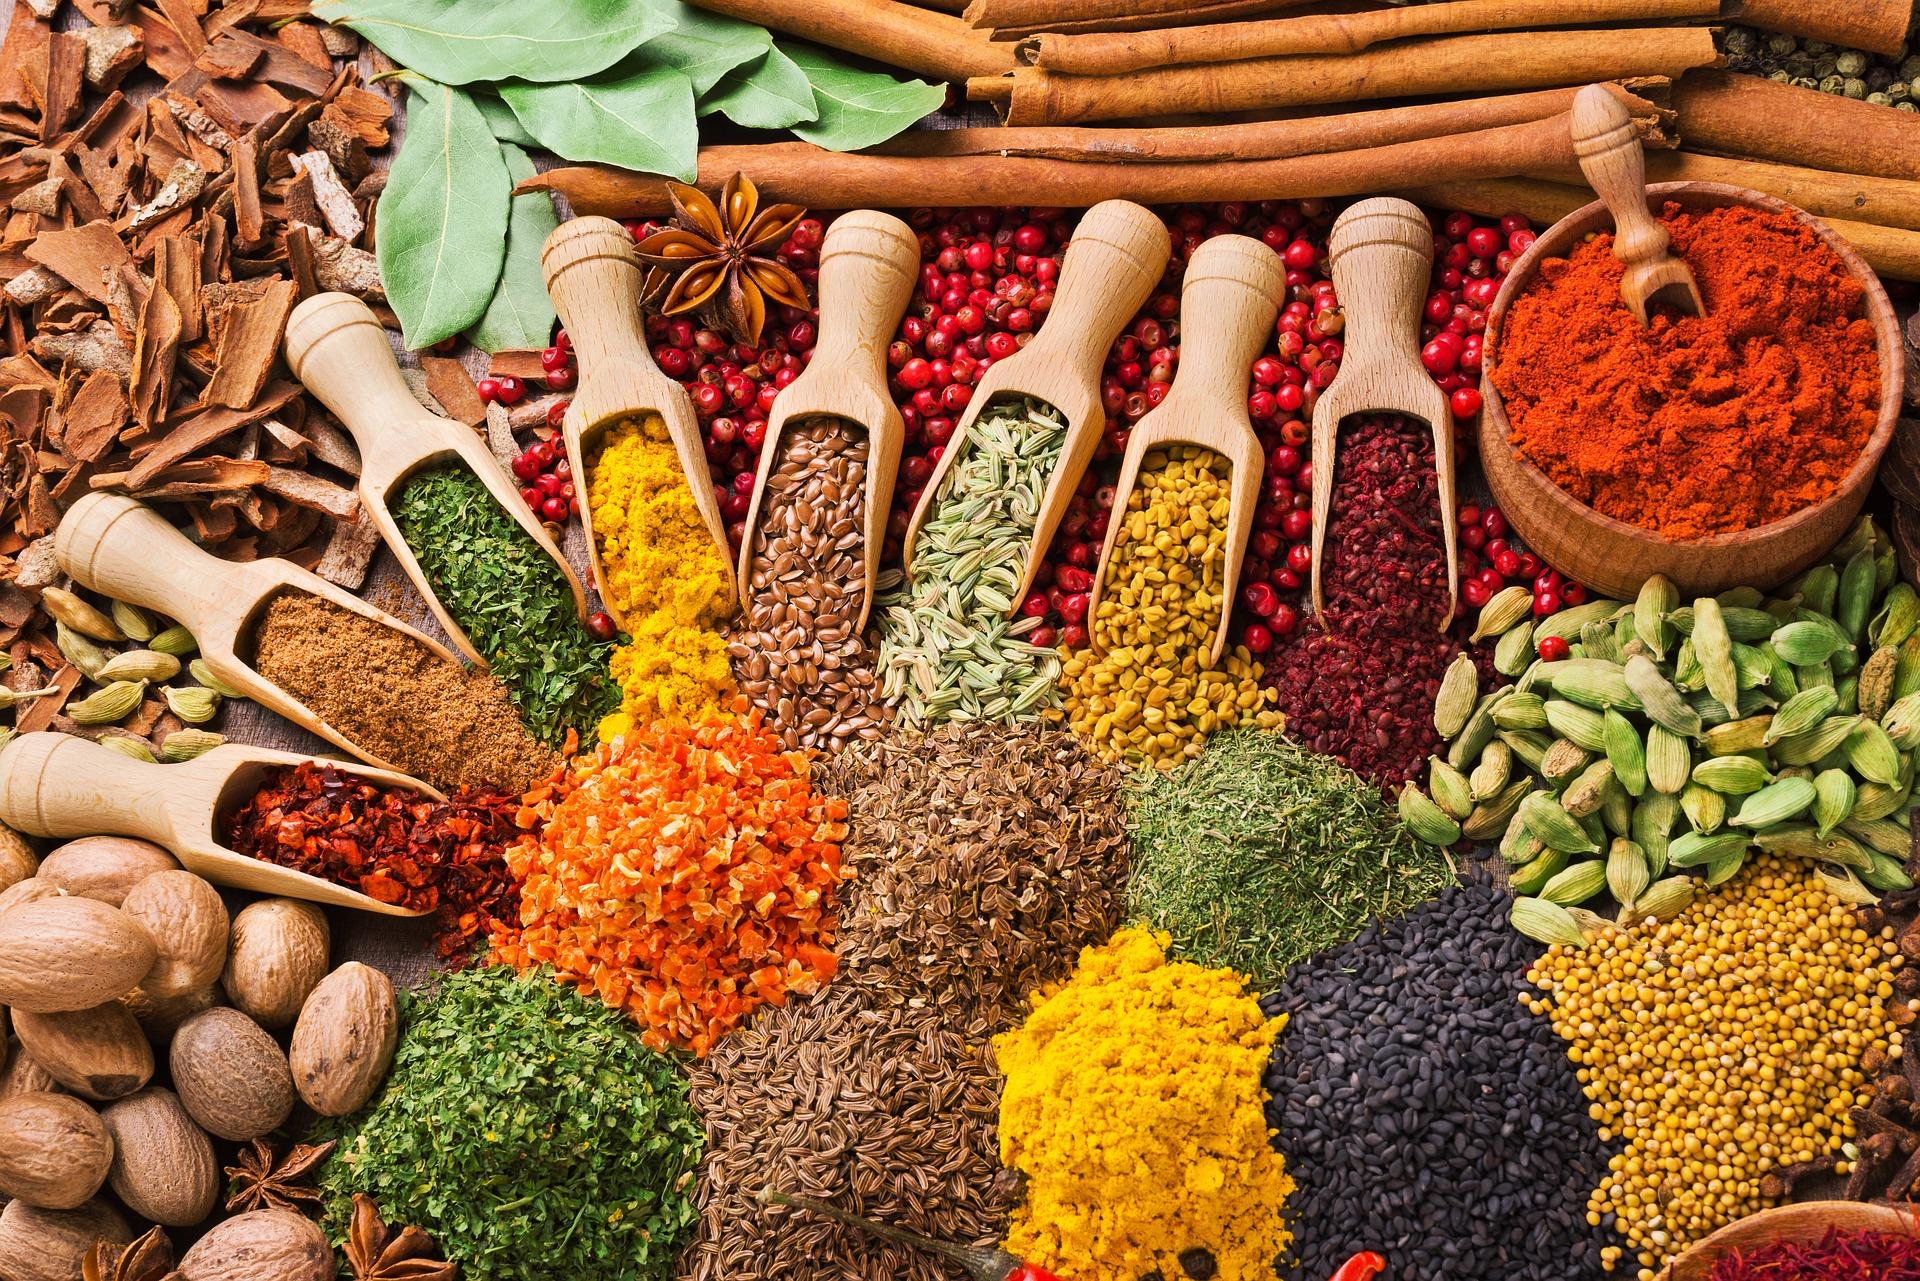 香辛料はスーパーで買える漢方薬!スパイスの健康効果がスゴ過ぎる。